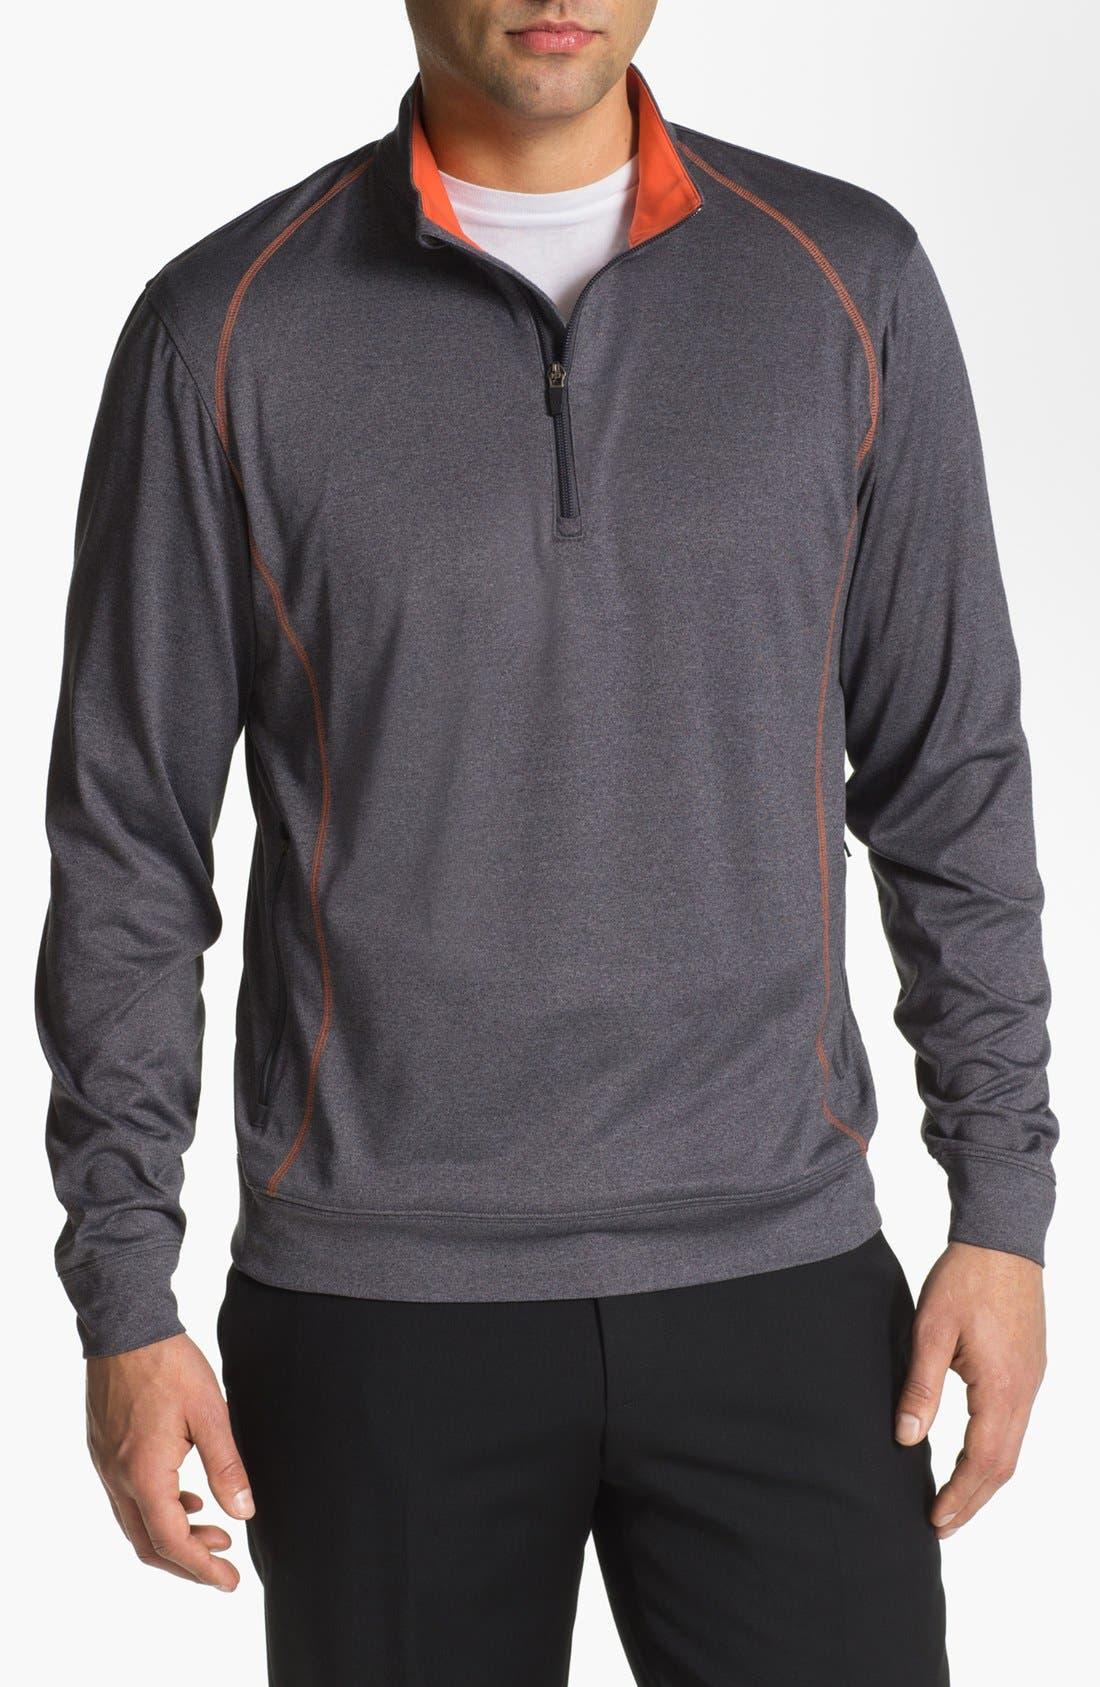 Main Image - Cutter & Buck 'Front Nines' DryTec Quarter Zip Fleece